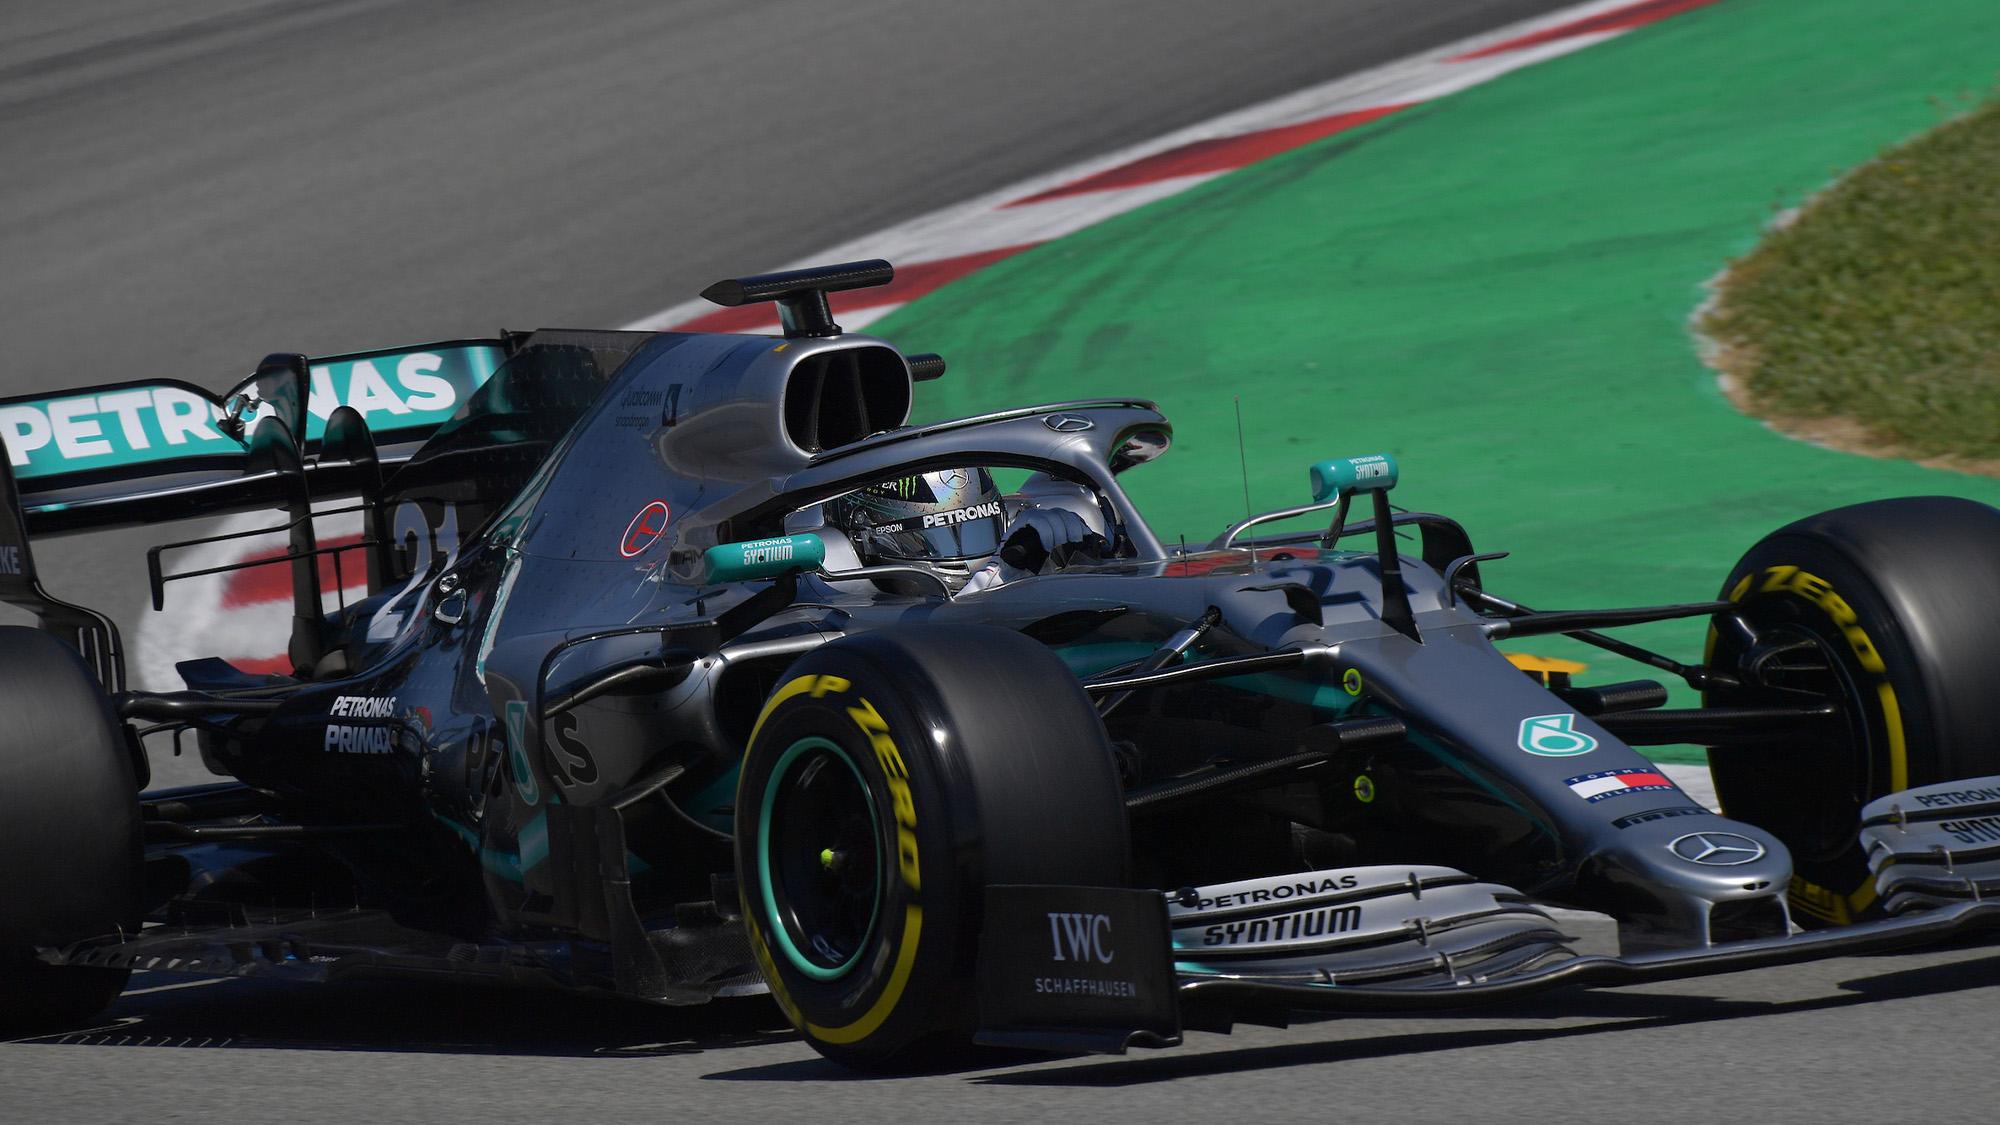 Nikita Mazepin 2019 Mercedes test